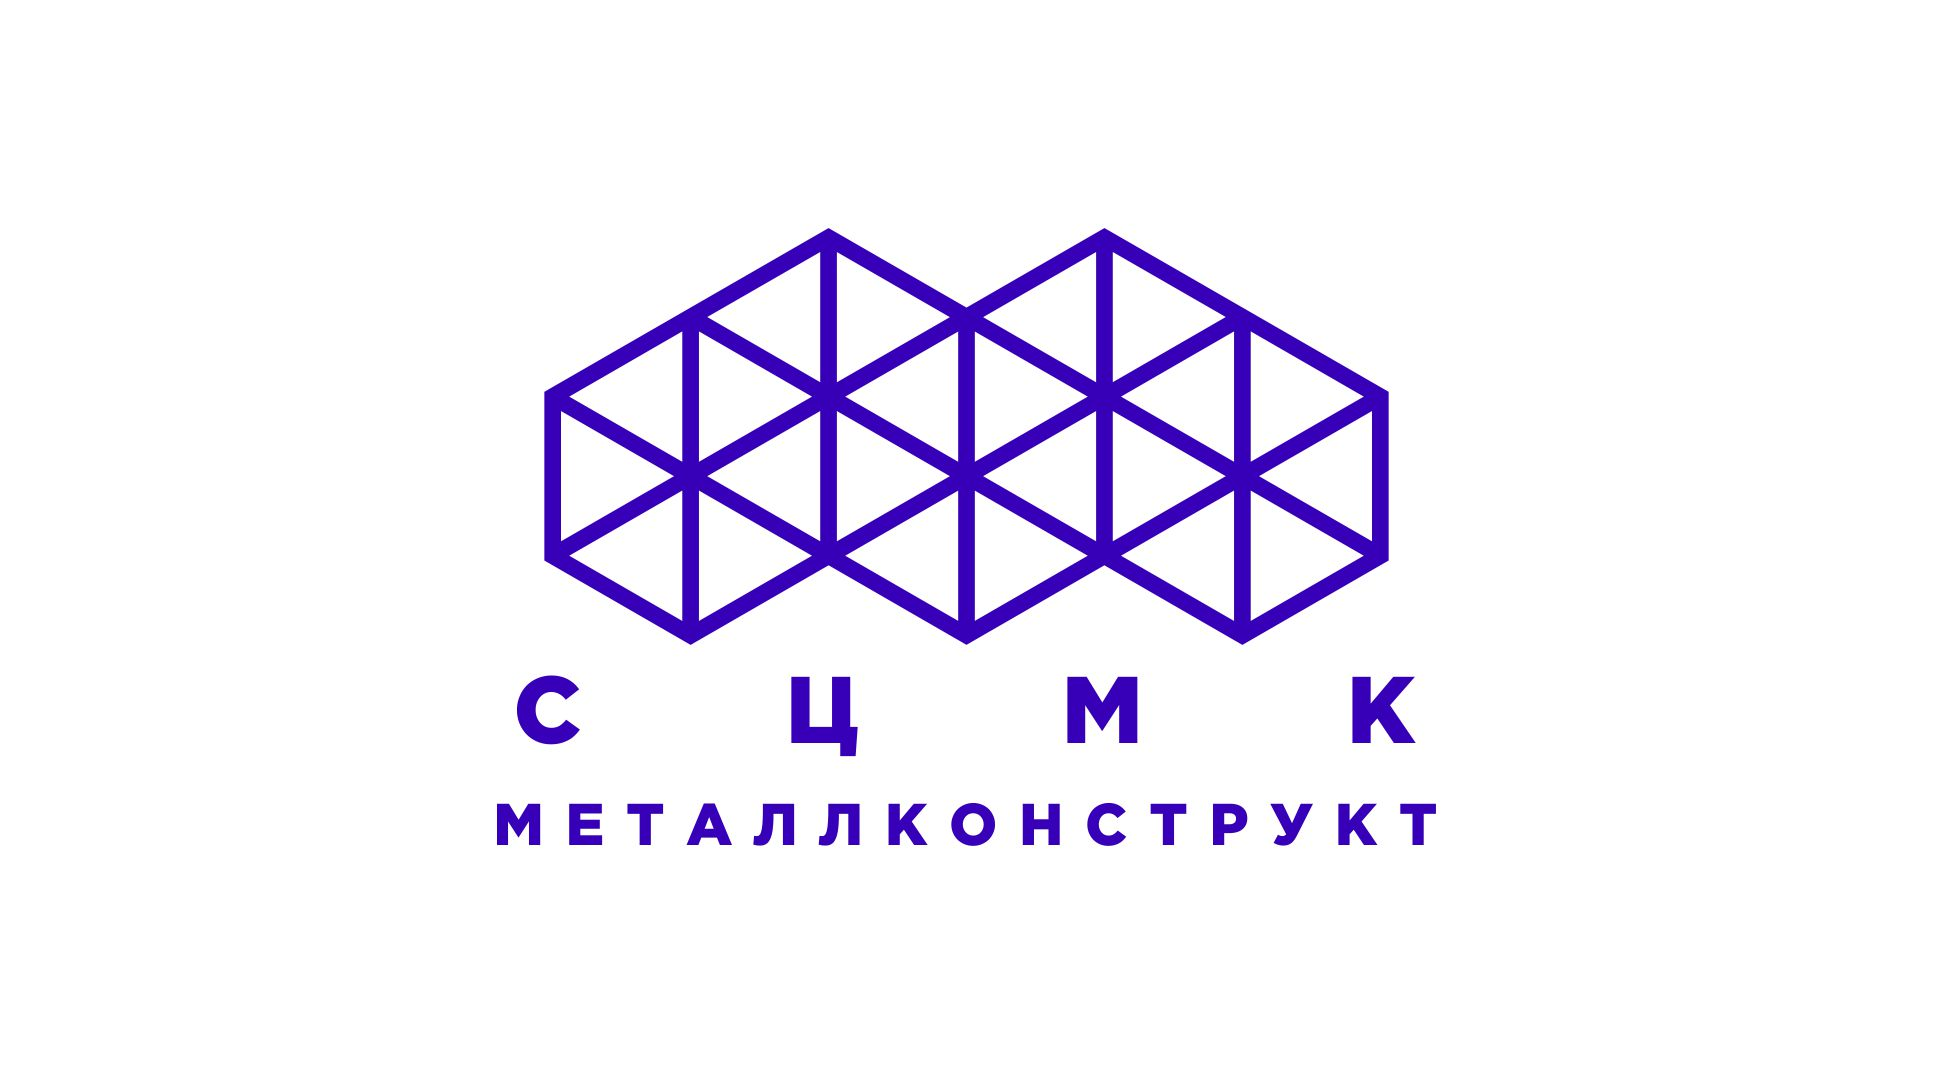 Разработка логотипа и фирменного стиля фото f_5615ae7804b07207.jpg